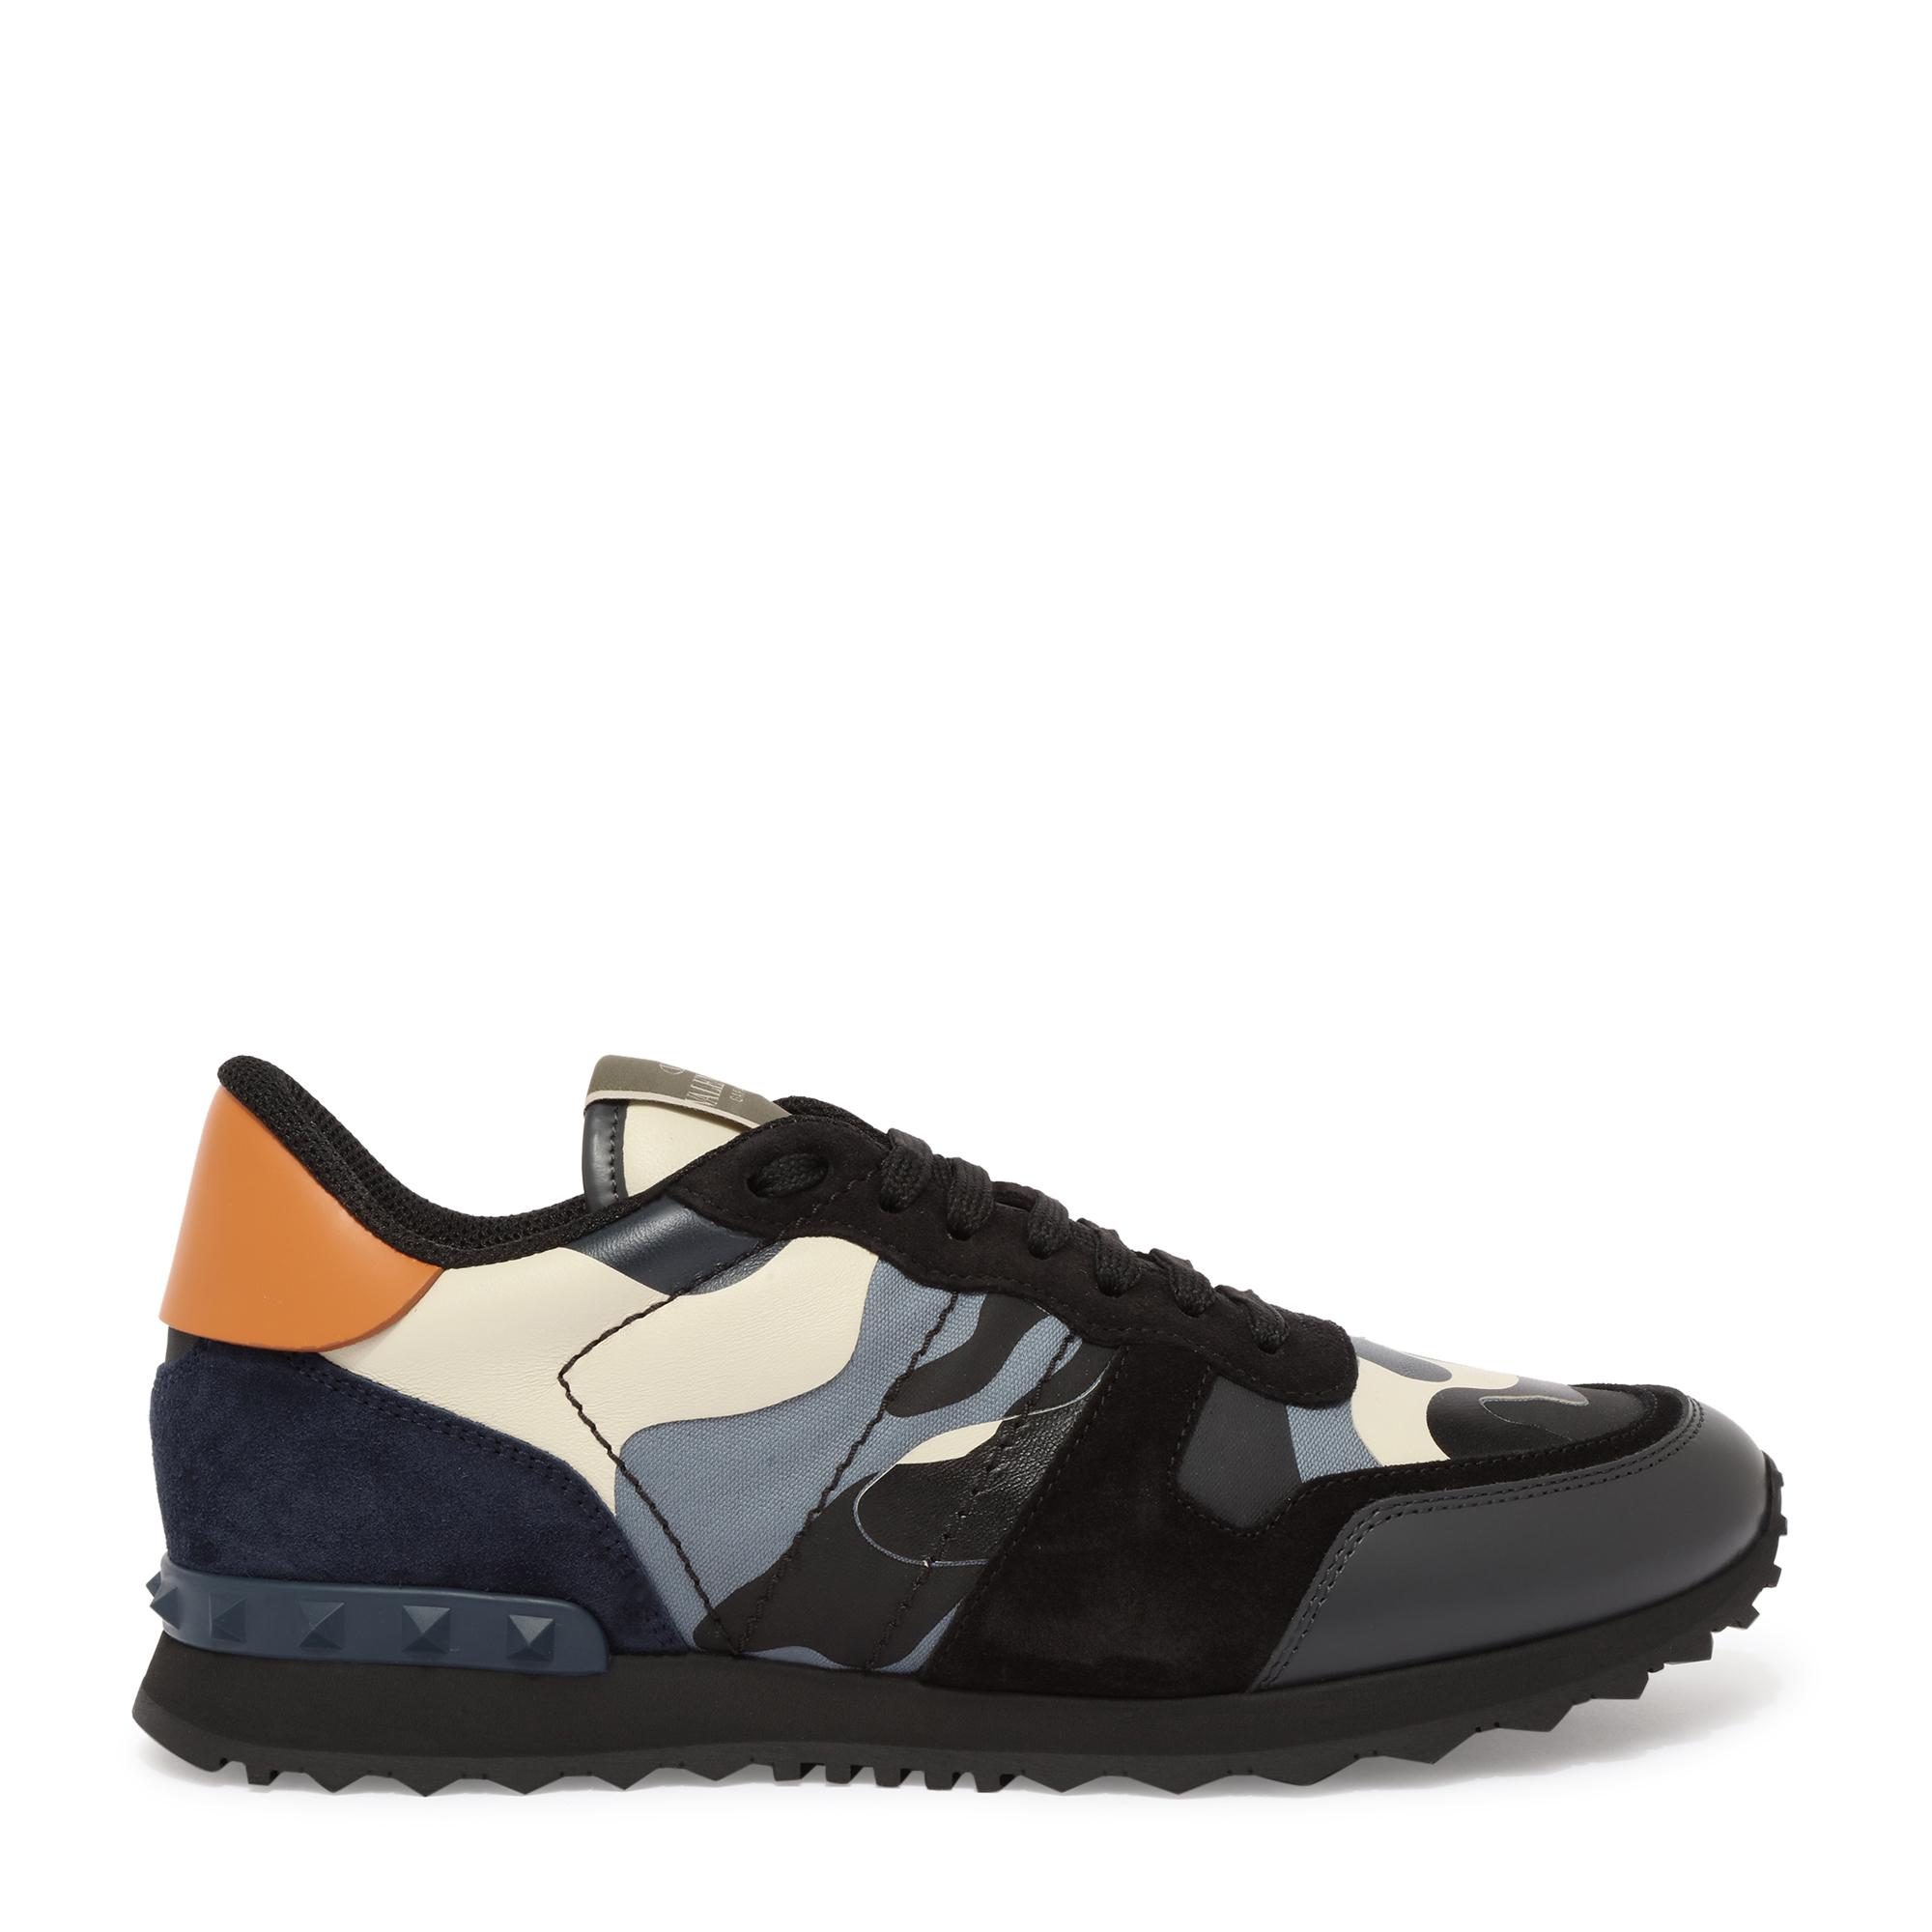 Rockrunner sneakers